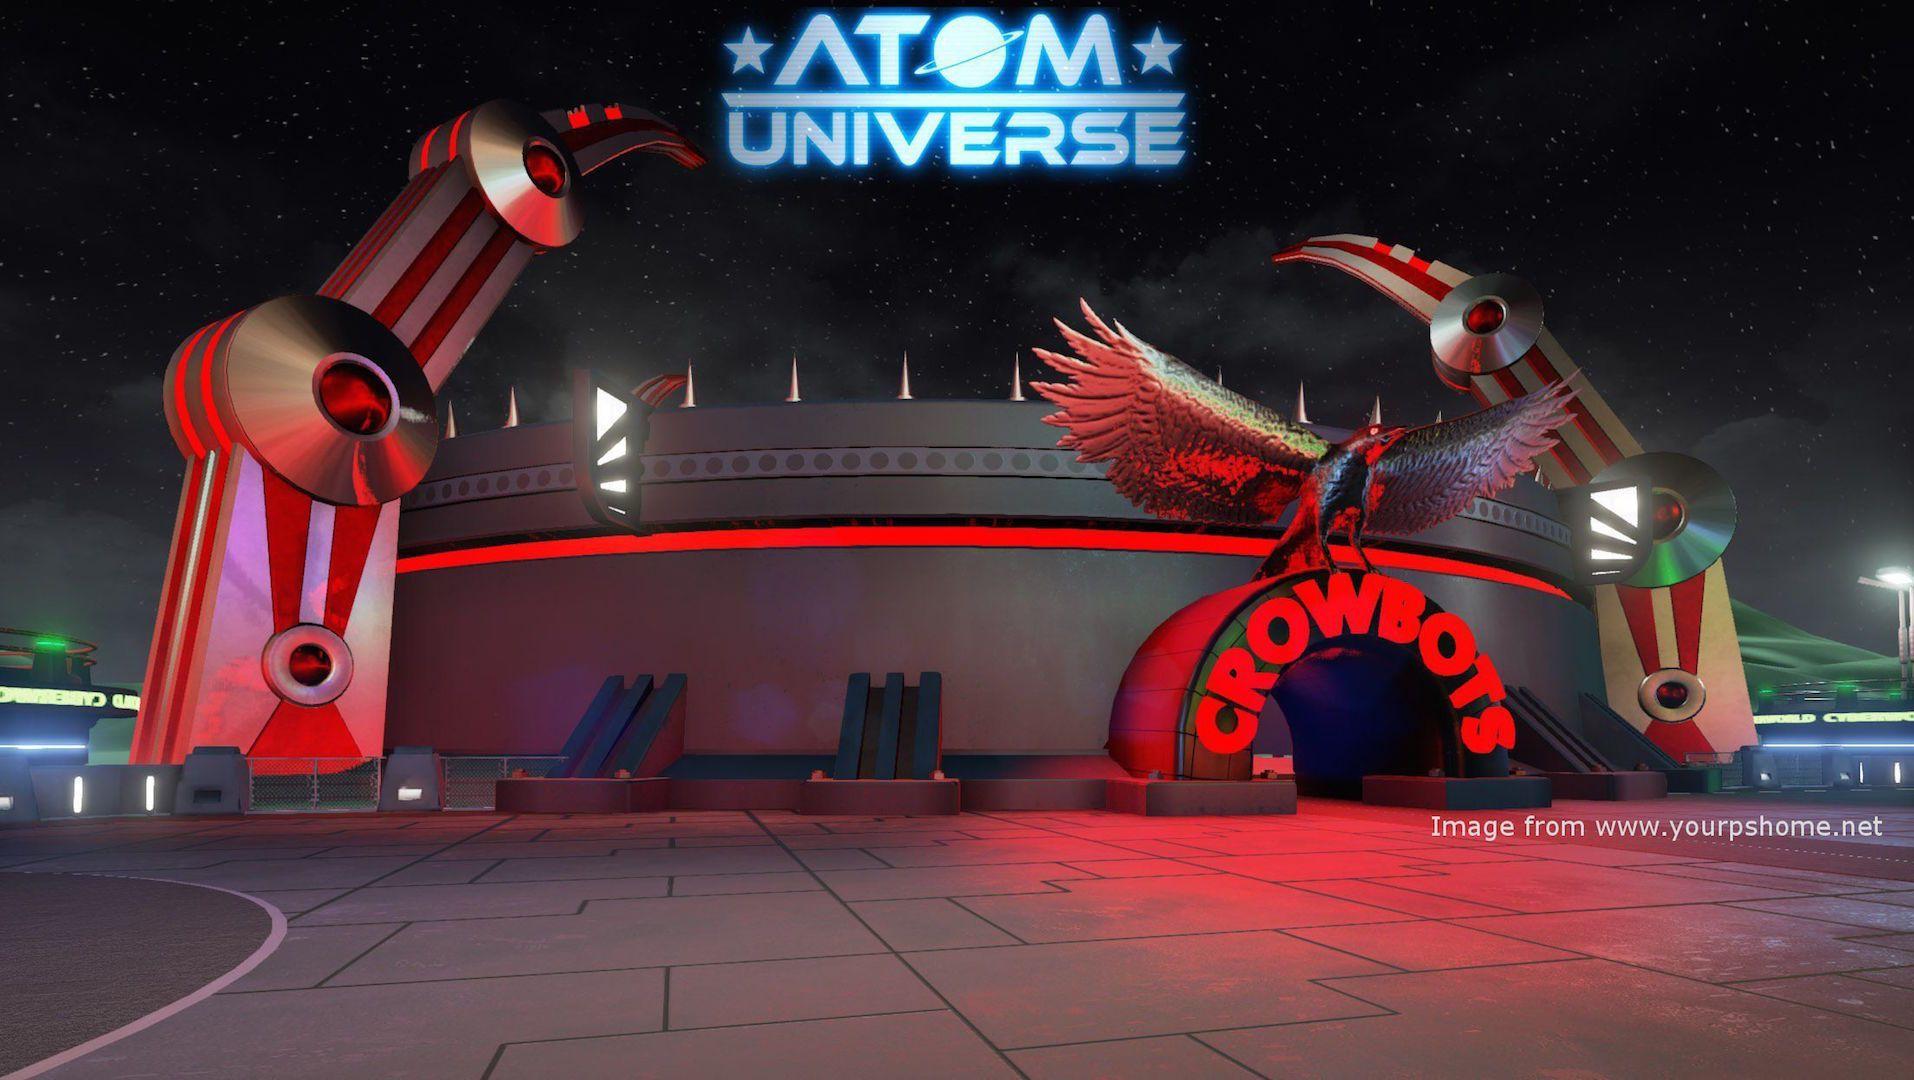 Karen Talks To Atom Republic About Atom Universe, kwoman32, Nov 30, 2014, 4:55 PM, YourPSHome.net, jpg, crowbotsArena-copt.jpg